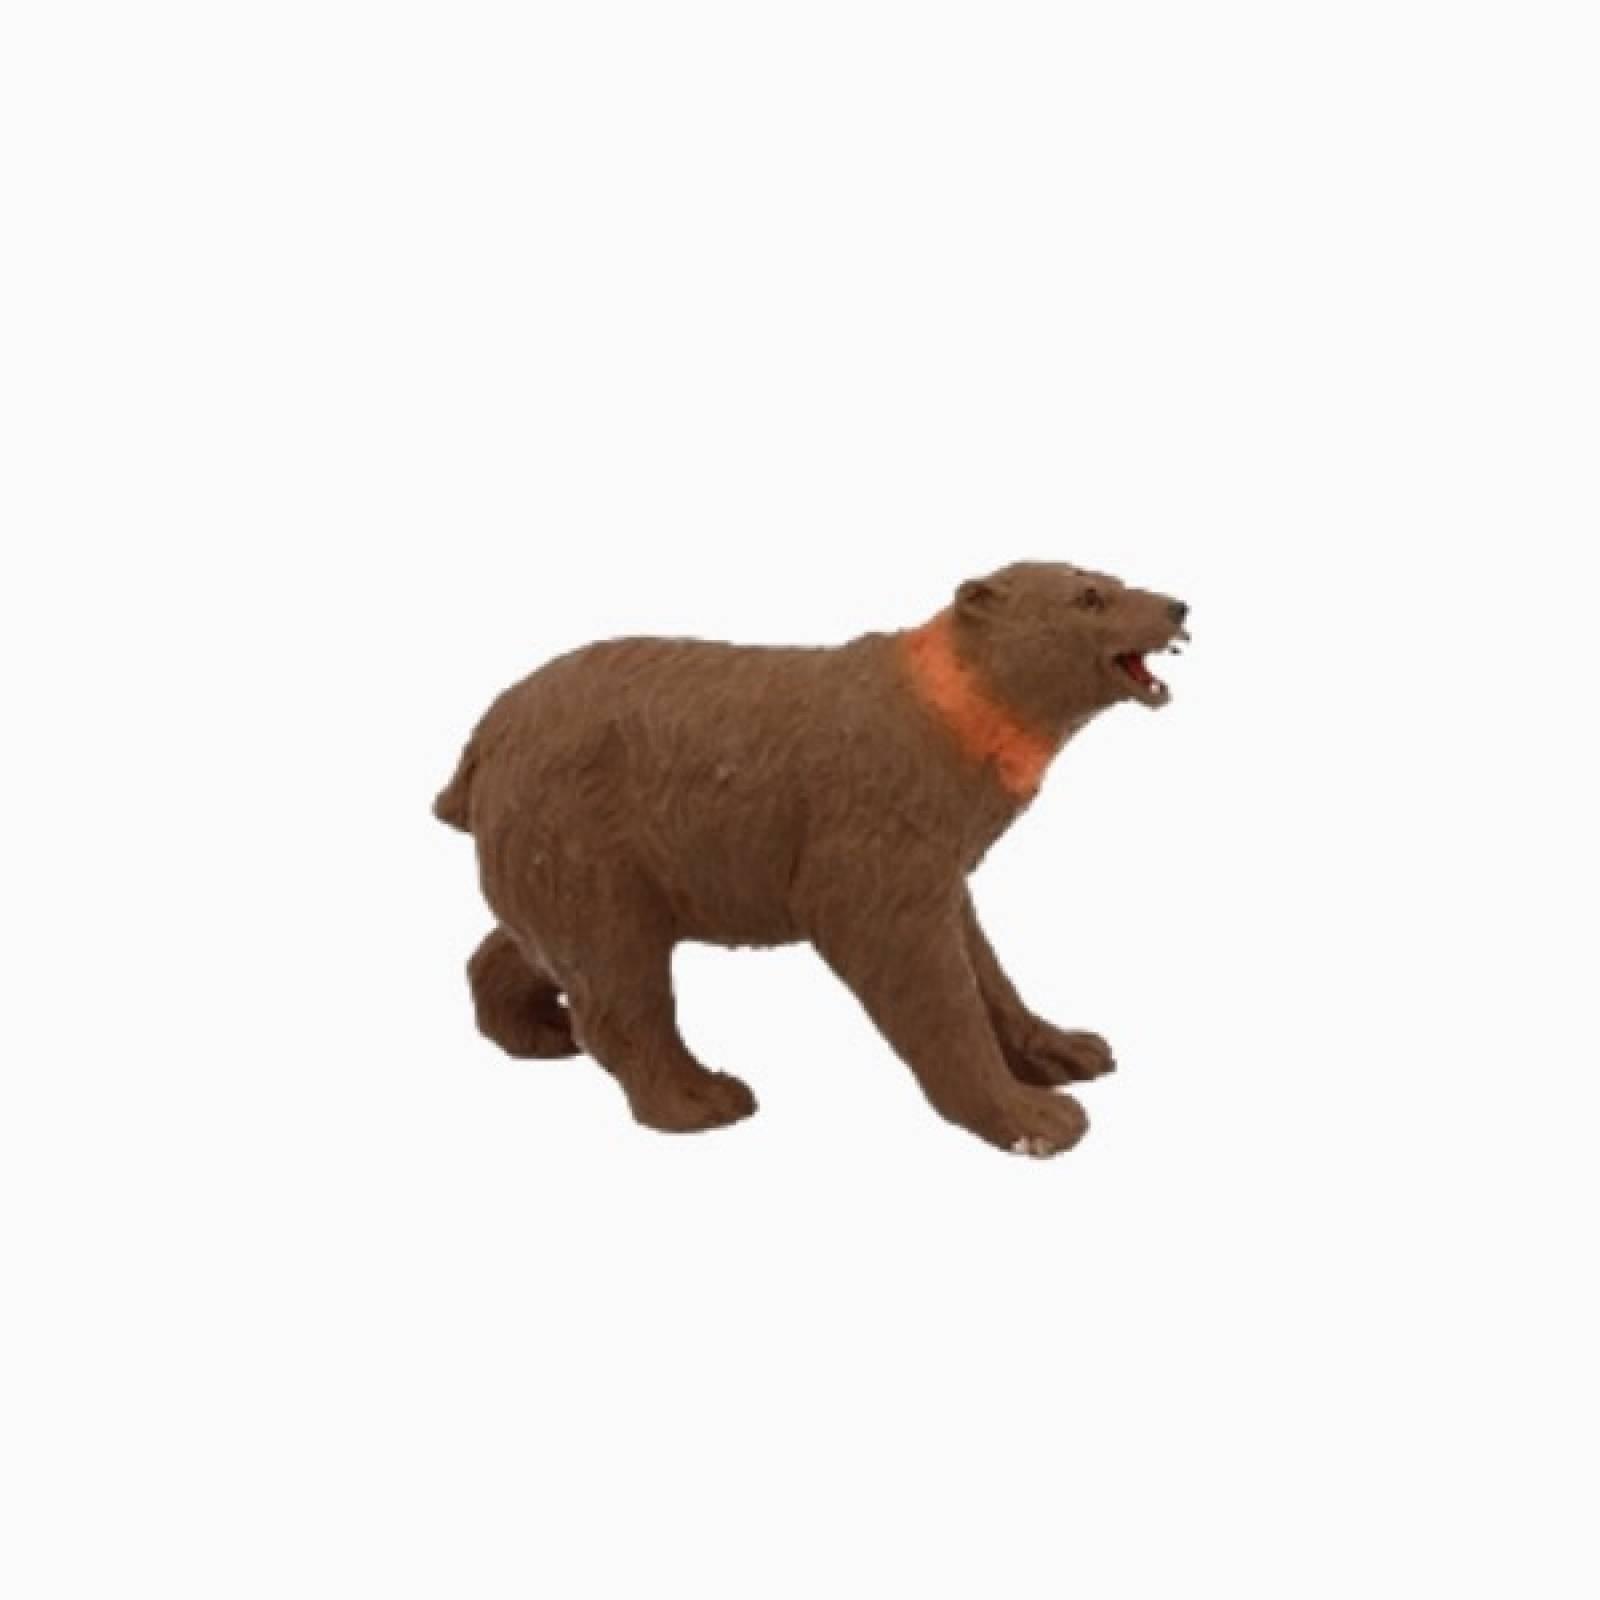 Grizzly Bear Stretchy Beanie Animal Toy 3+